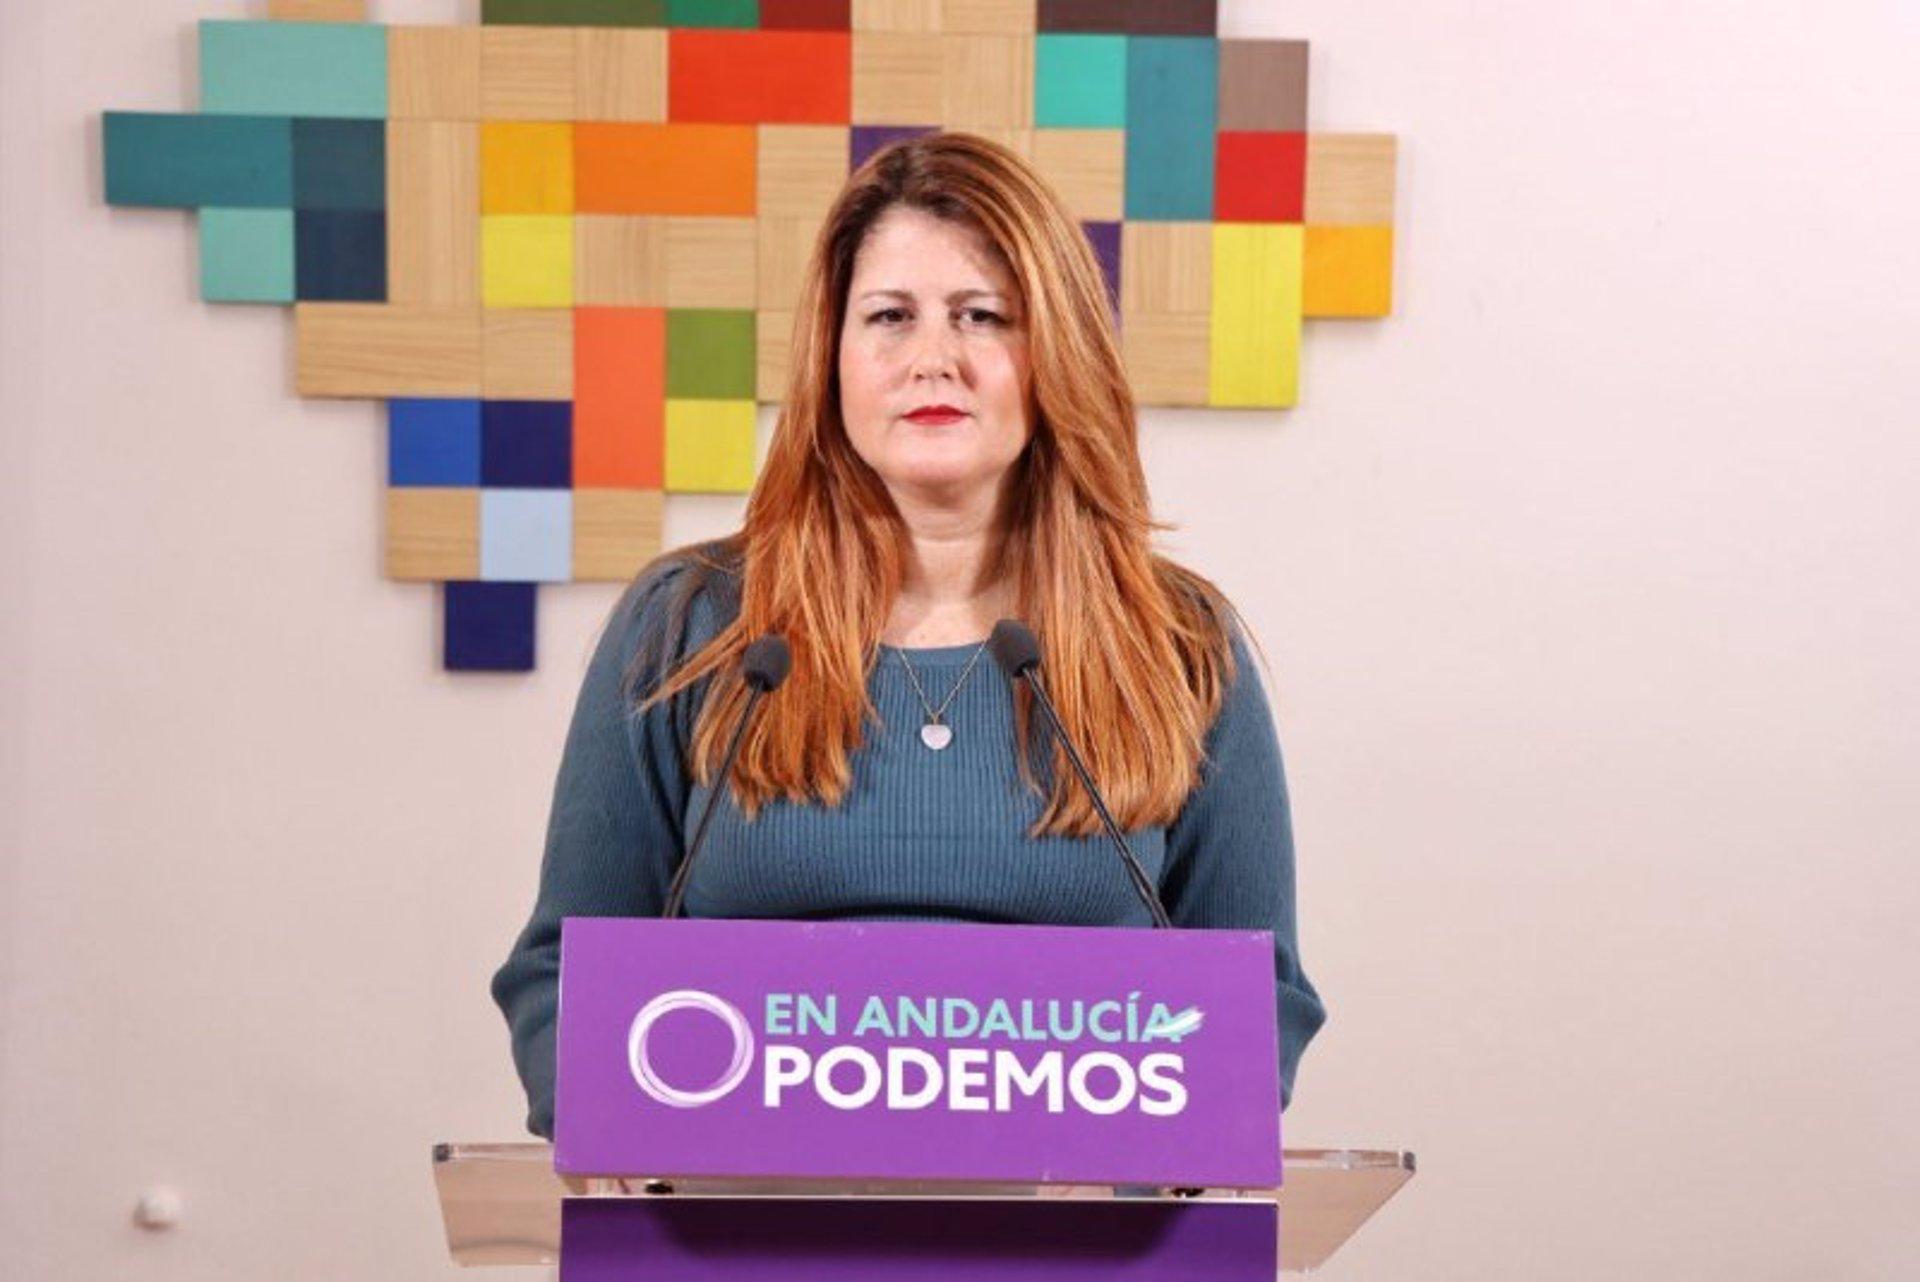 Podemos Andalucía defiende regular precios de alquiler y cree que PSOE «incumple acuerdo de Gobierno y presupuestario»